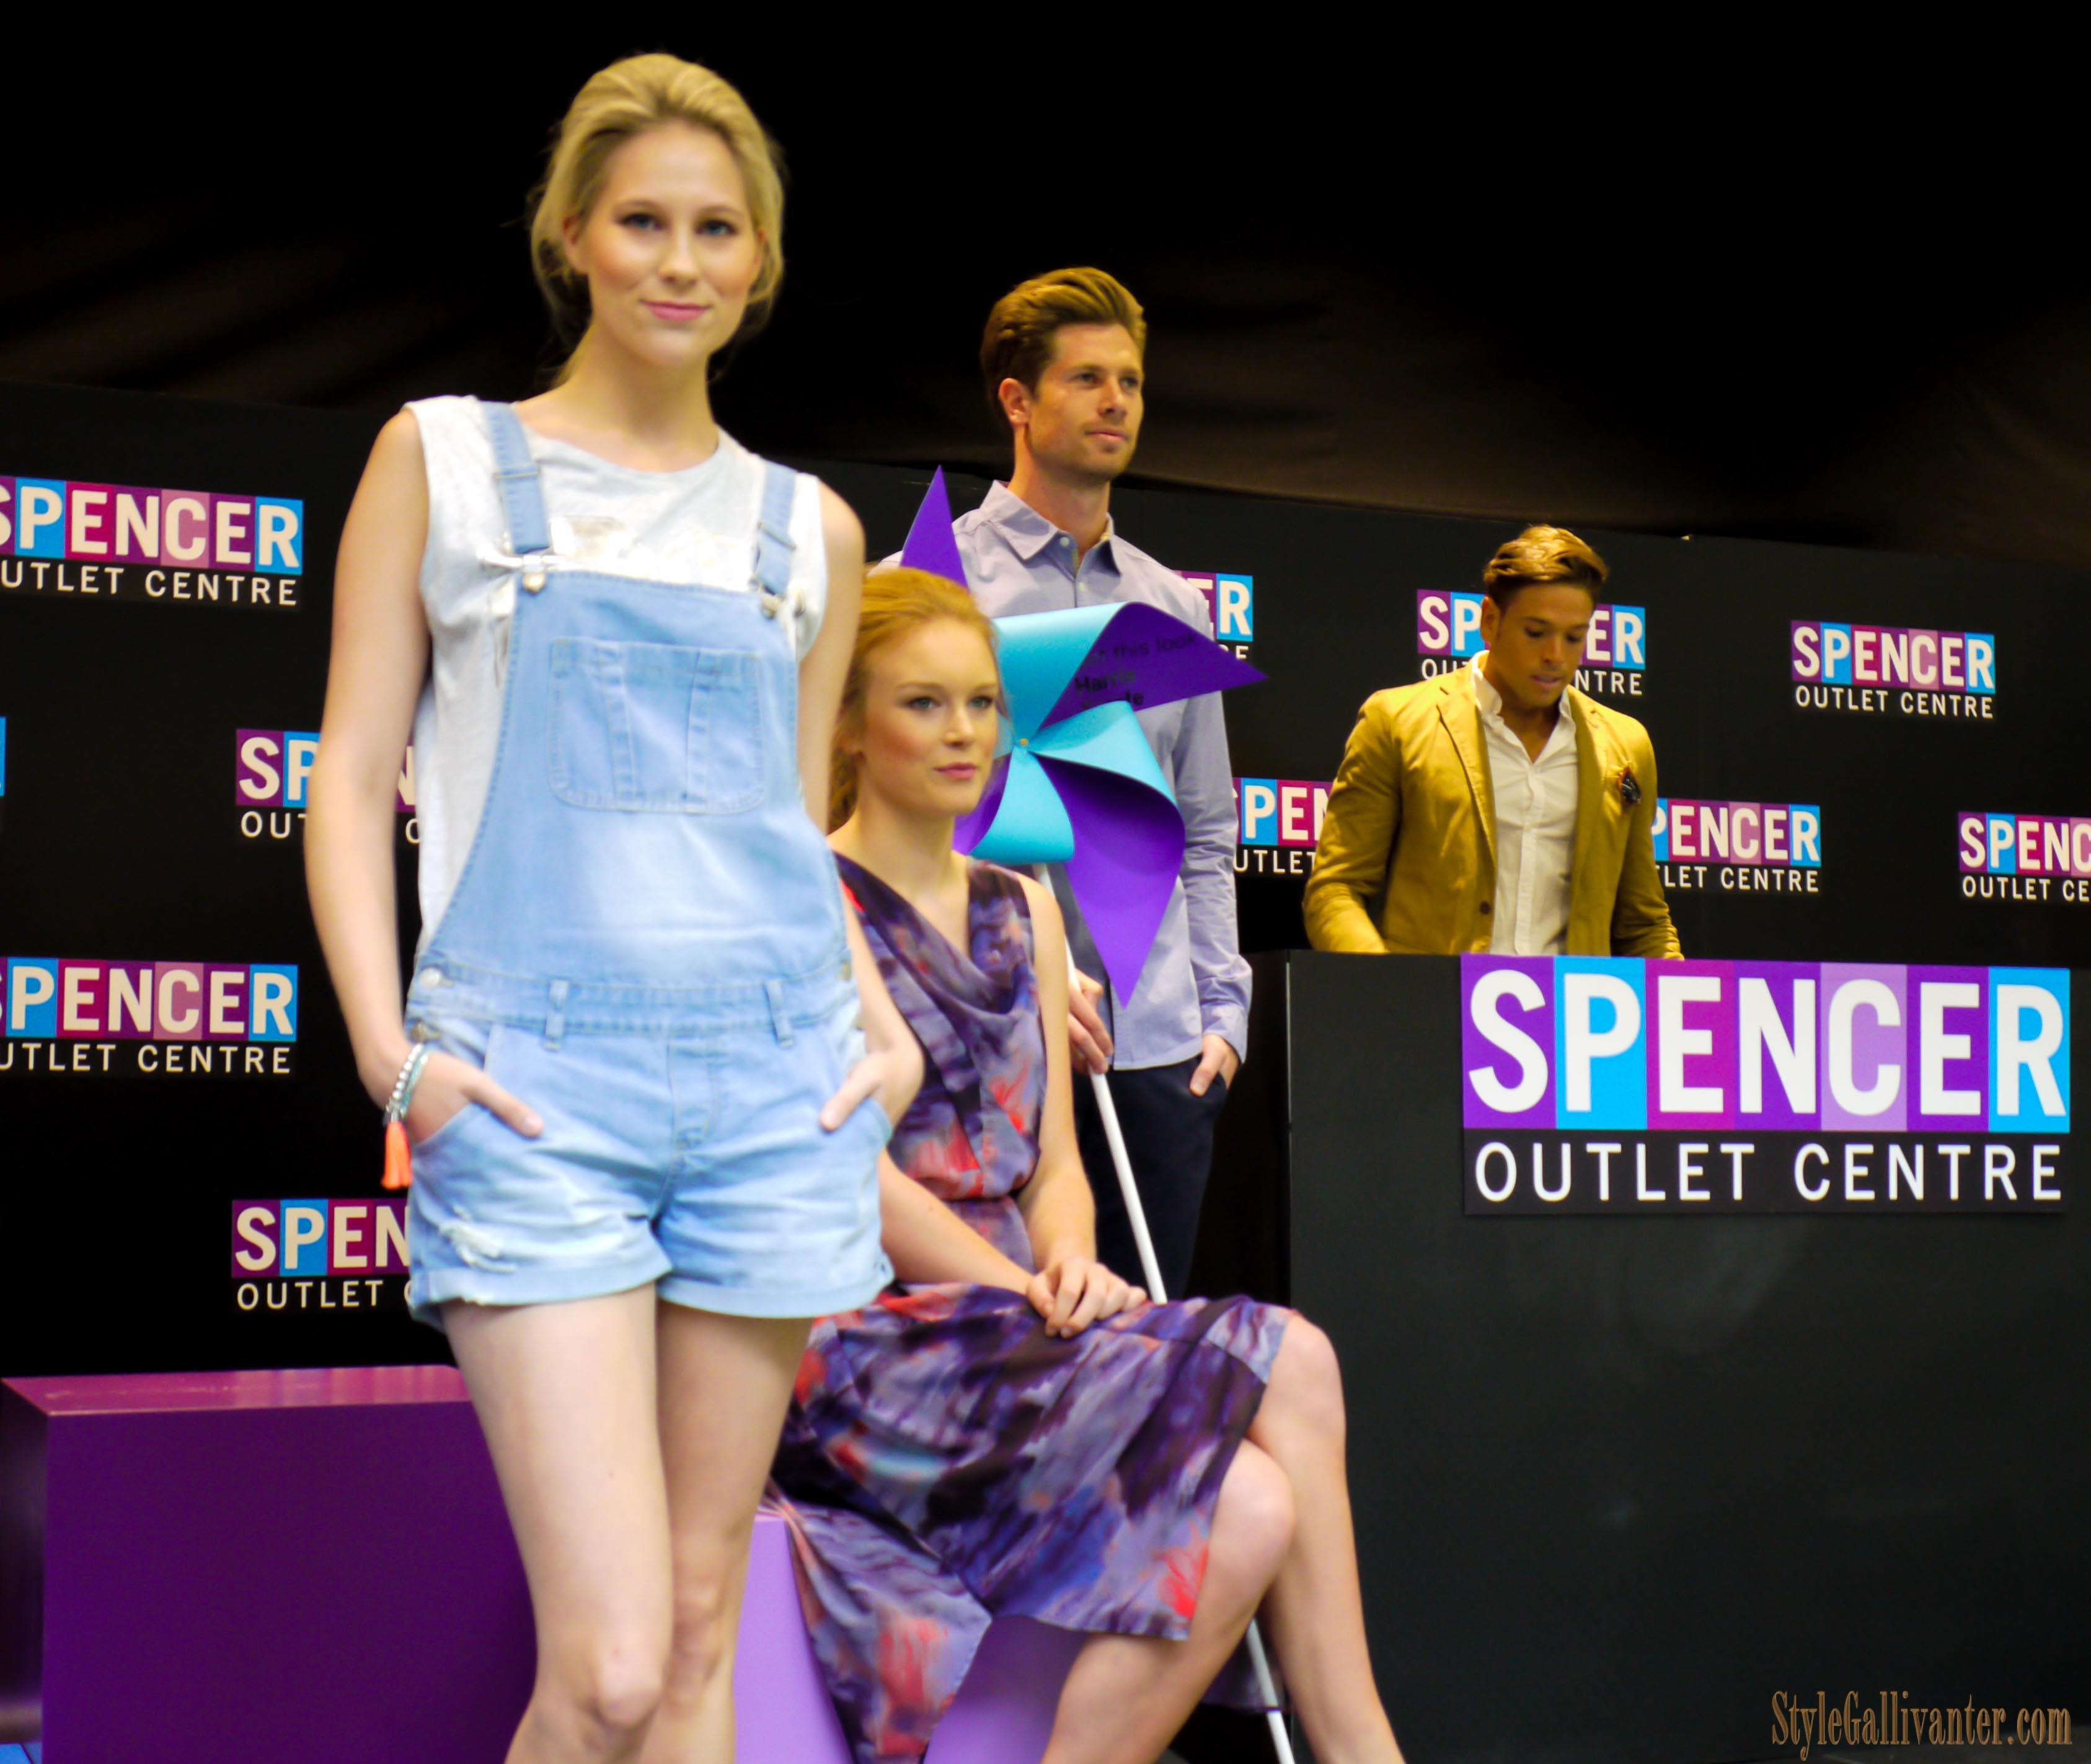 trade-secret-clothes_spencer-outlet-launch_spencer-outlet-centre_didier-cohen-fashion_rachael-finch-spencer-outlet-launch_rachael-finch-fashion-style_trade-secret-spencer-outlet_trade-secret-blogger-5